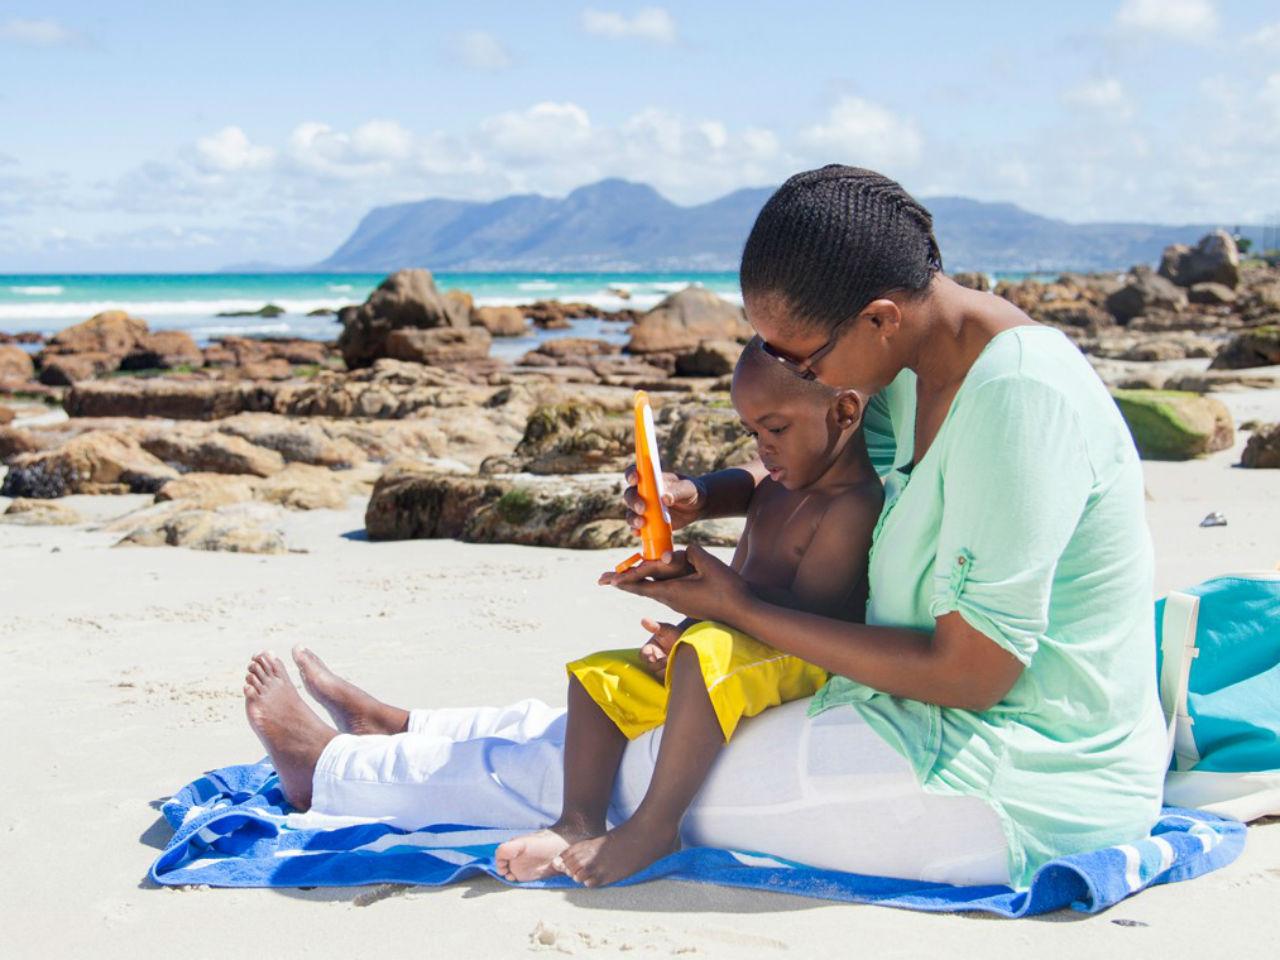 پیشگیری و درمان گرمازدگی کودکان با رفع سریع گرمازدگی   علائم گرمازدگی در کودکان چیست ؟